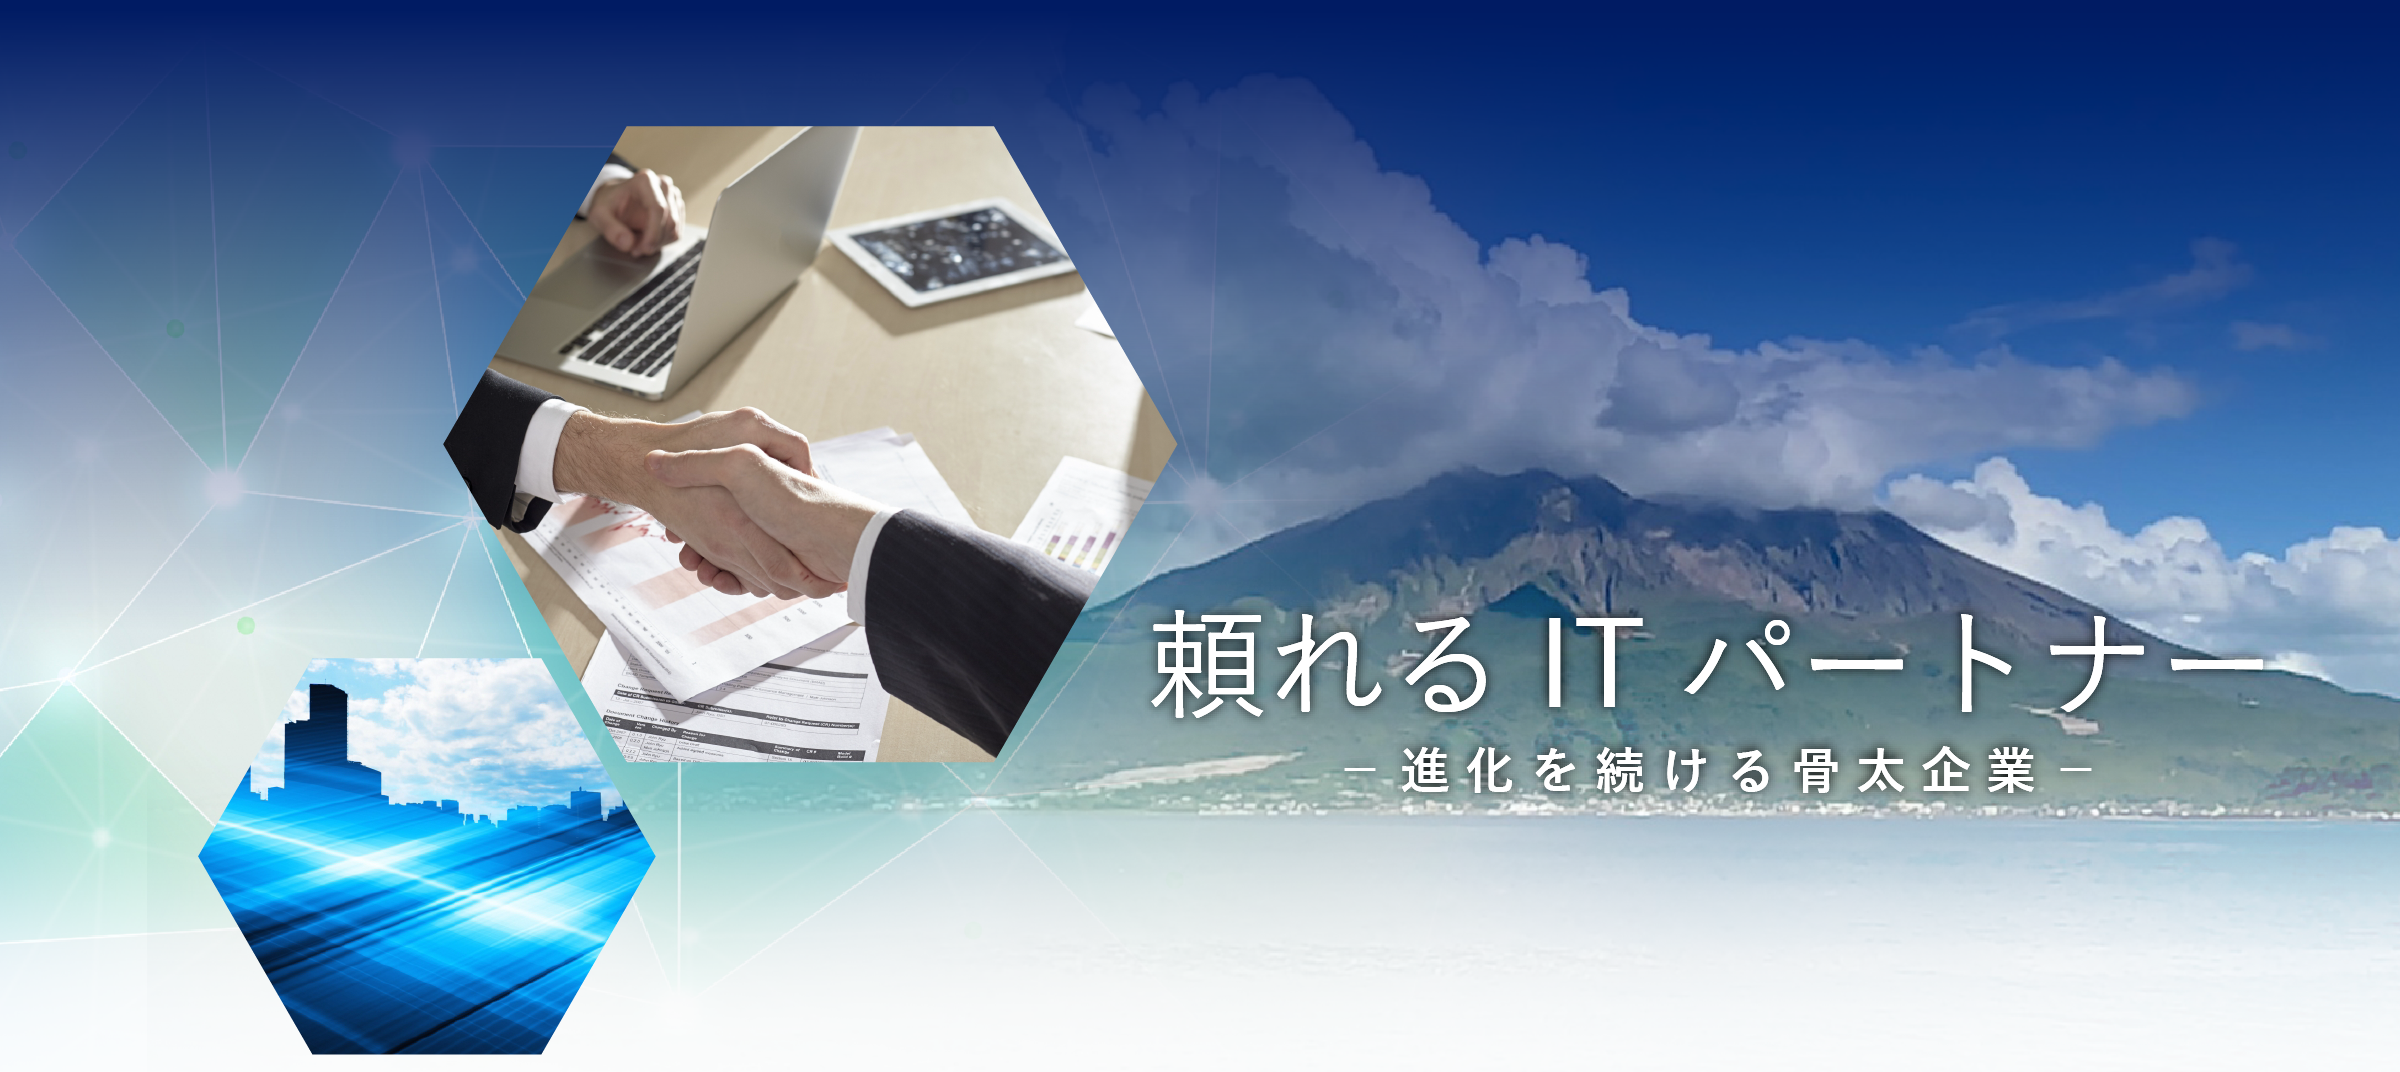 頼れるITパートナー 進化を続ける骨太企業 南国システムサービス株式会社